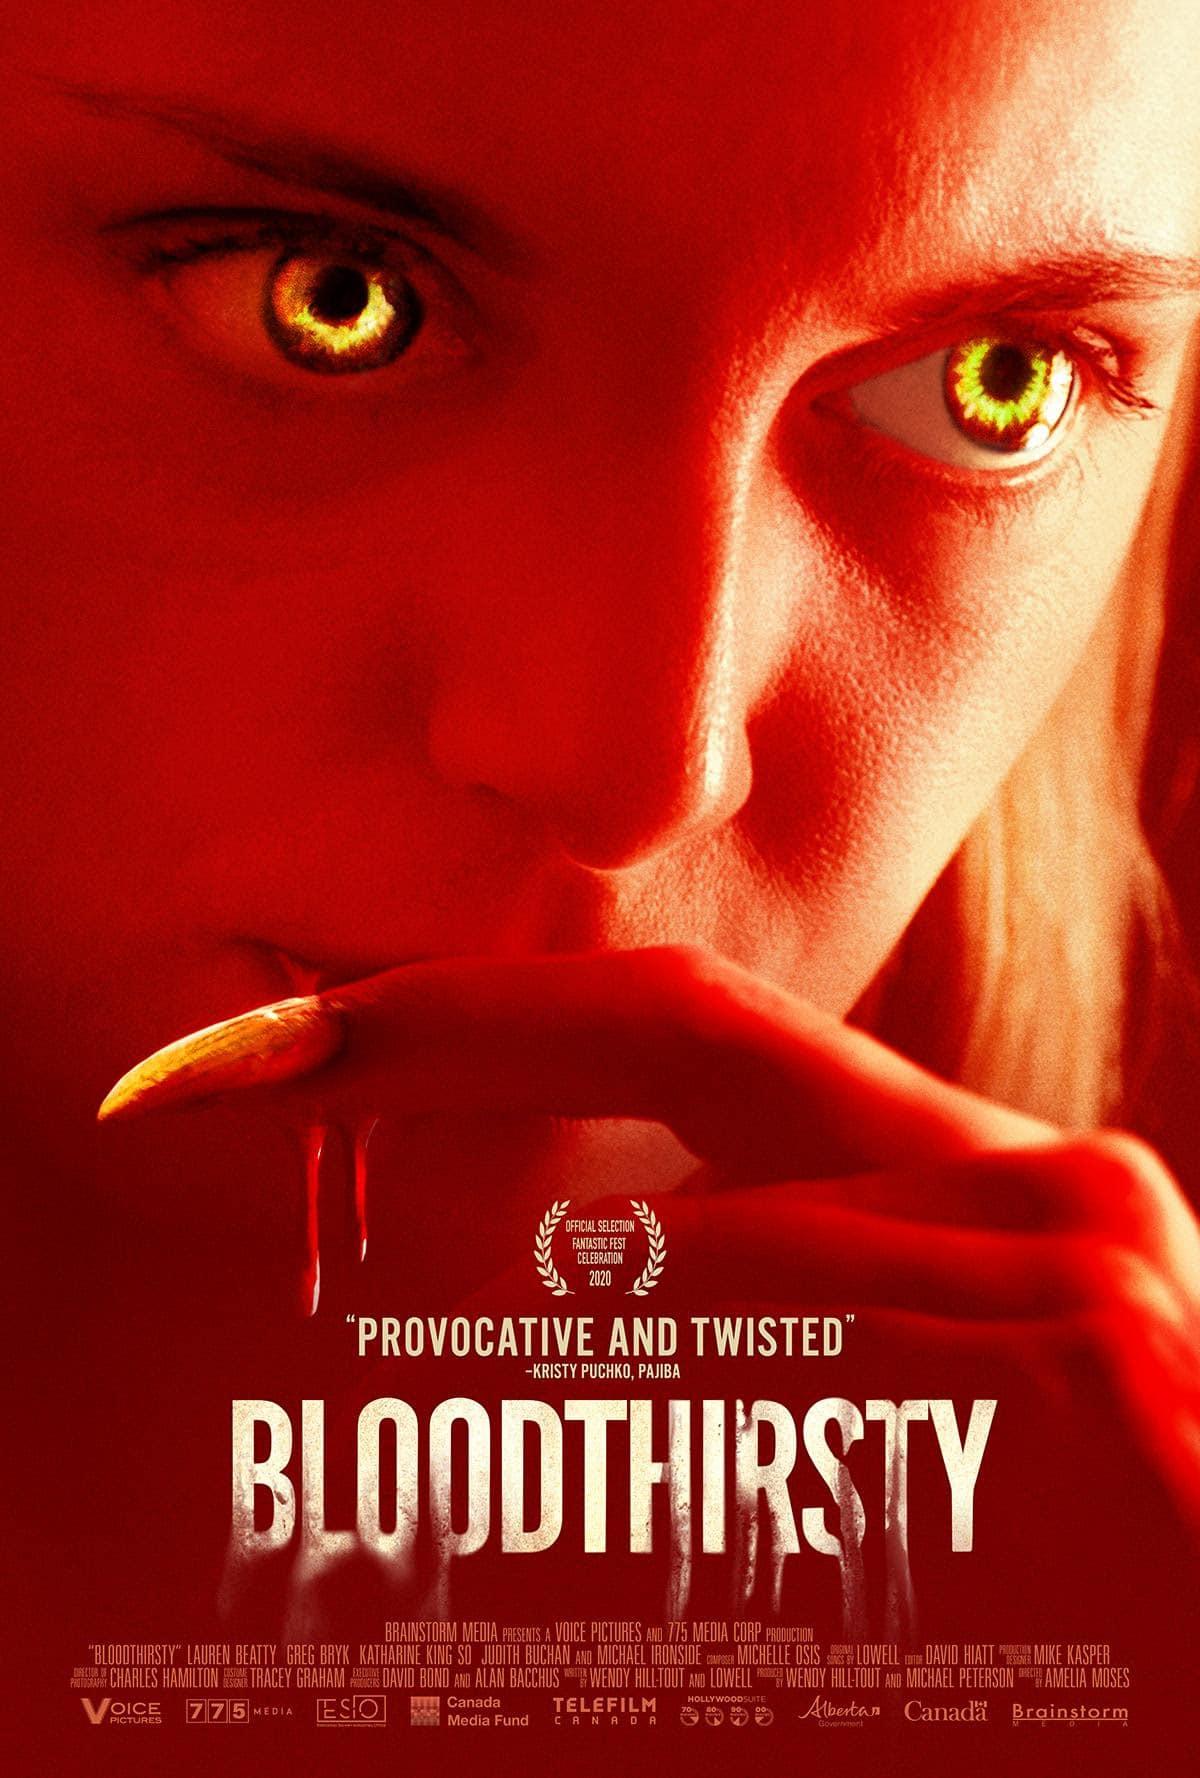 Bloodthirsty – Teaser Poster